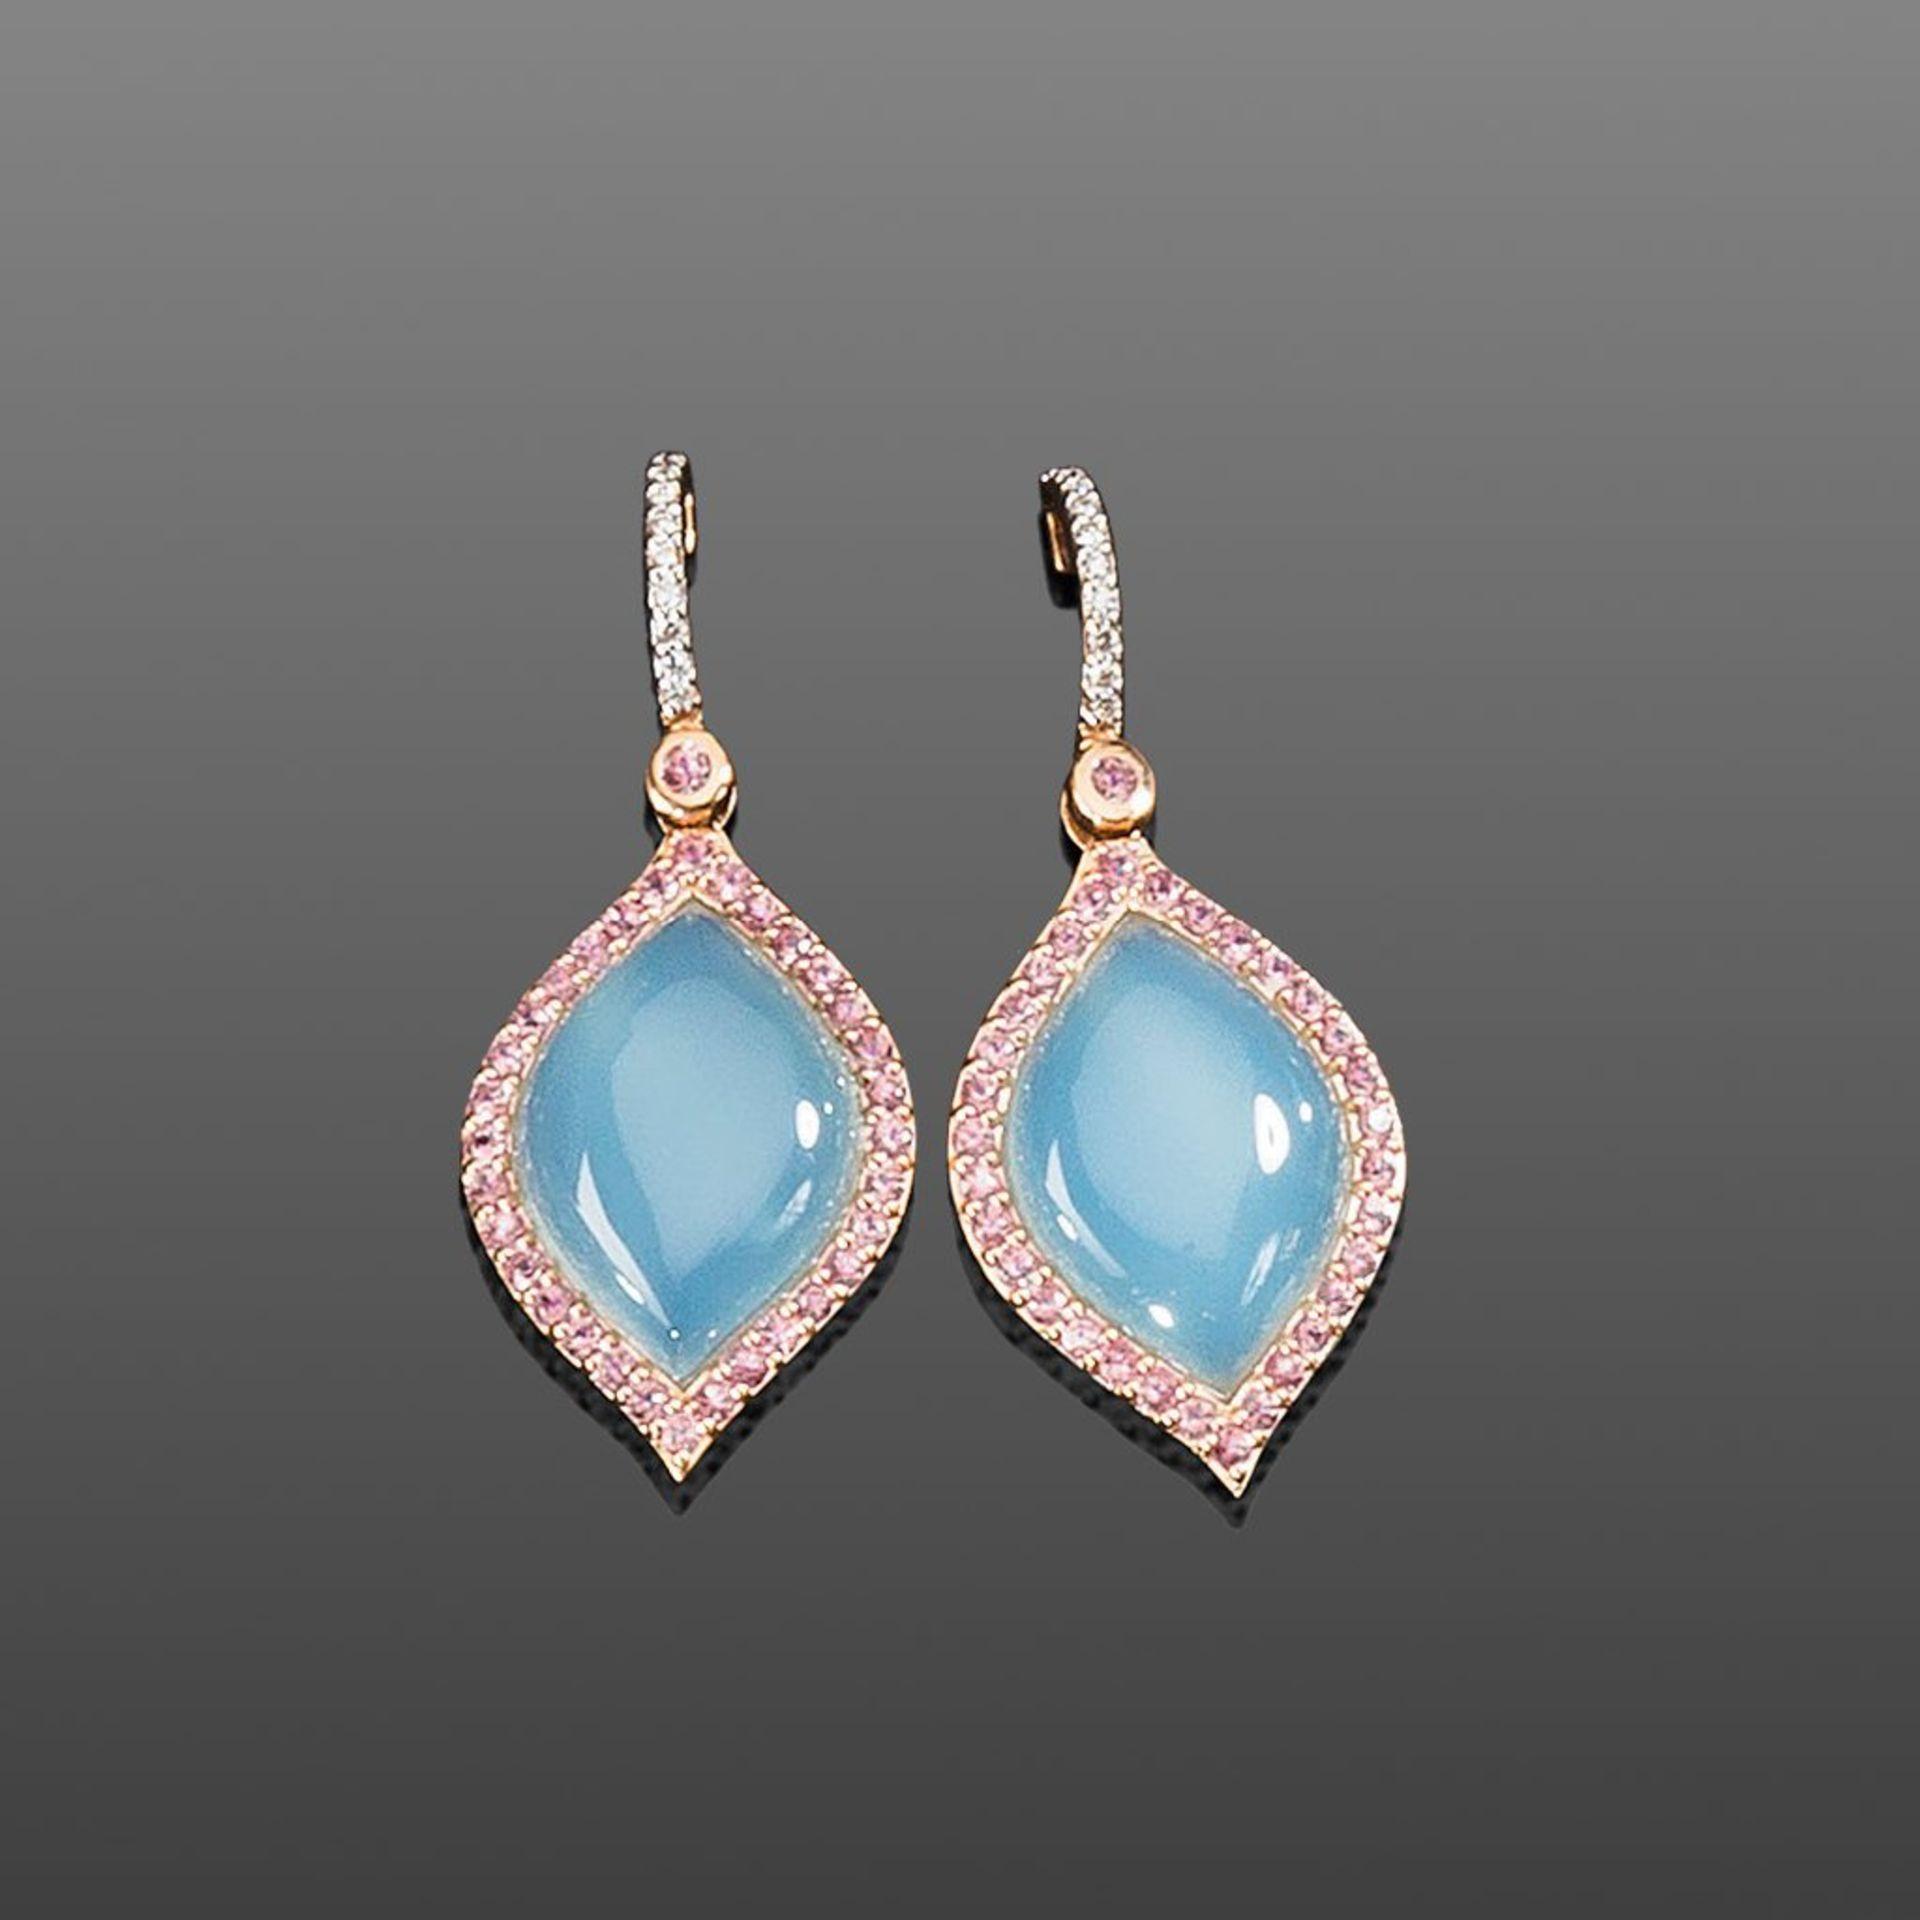 Paar Chalcedon-Ohrstecker. Chalcedone und pinkfarbene Saphire ca. 17,23 ct. Brillanten ca. 0,11